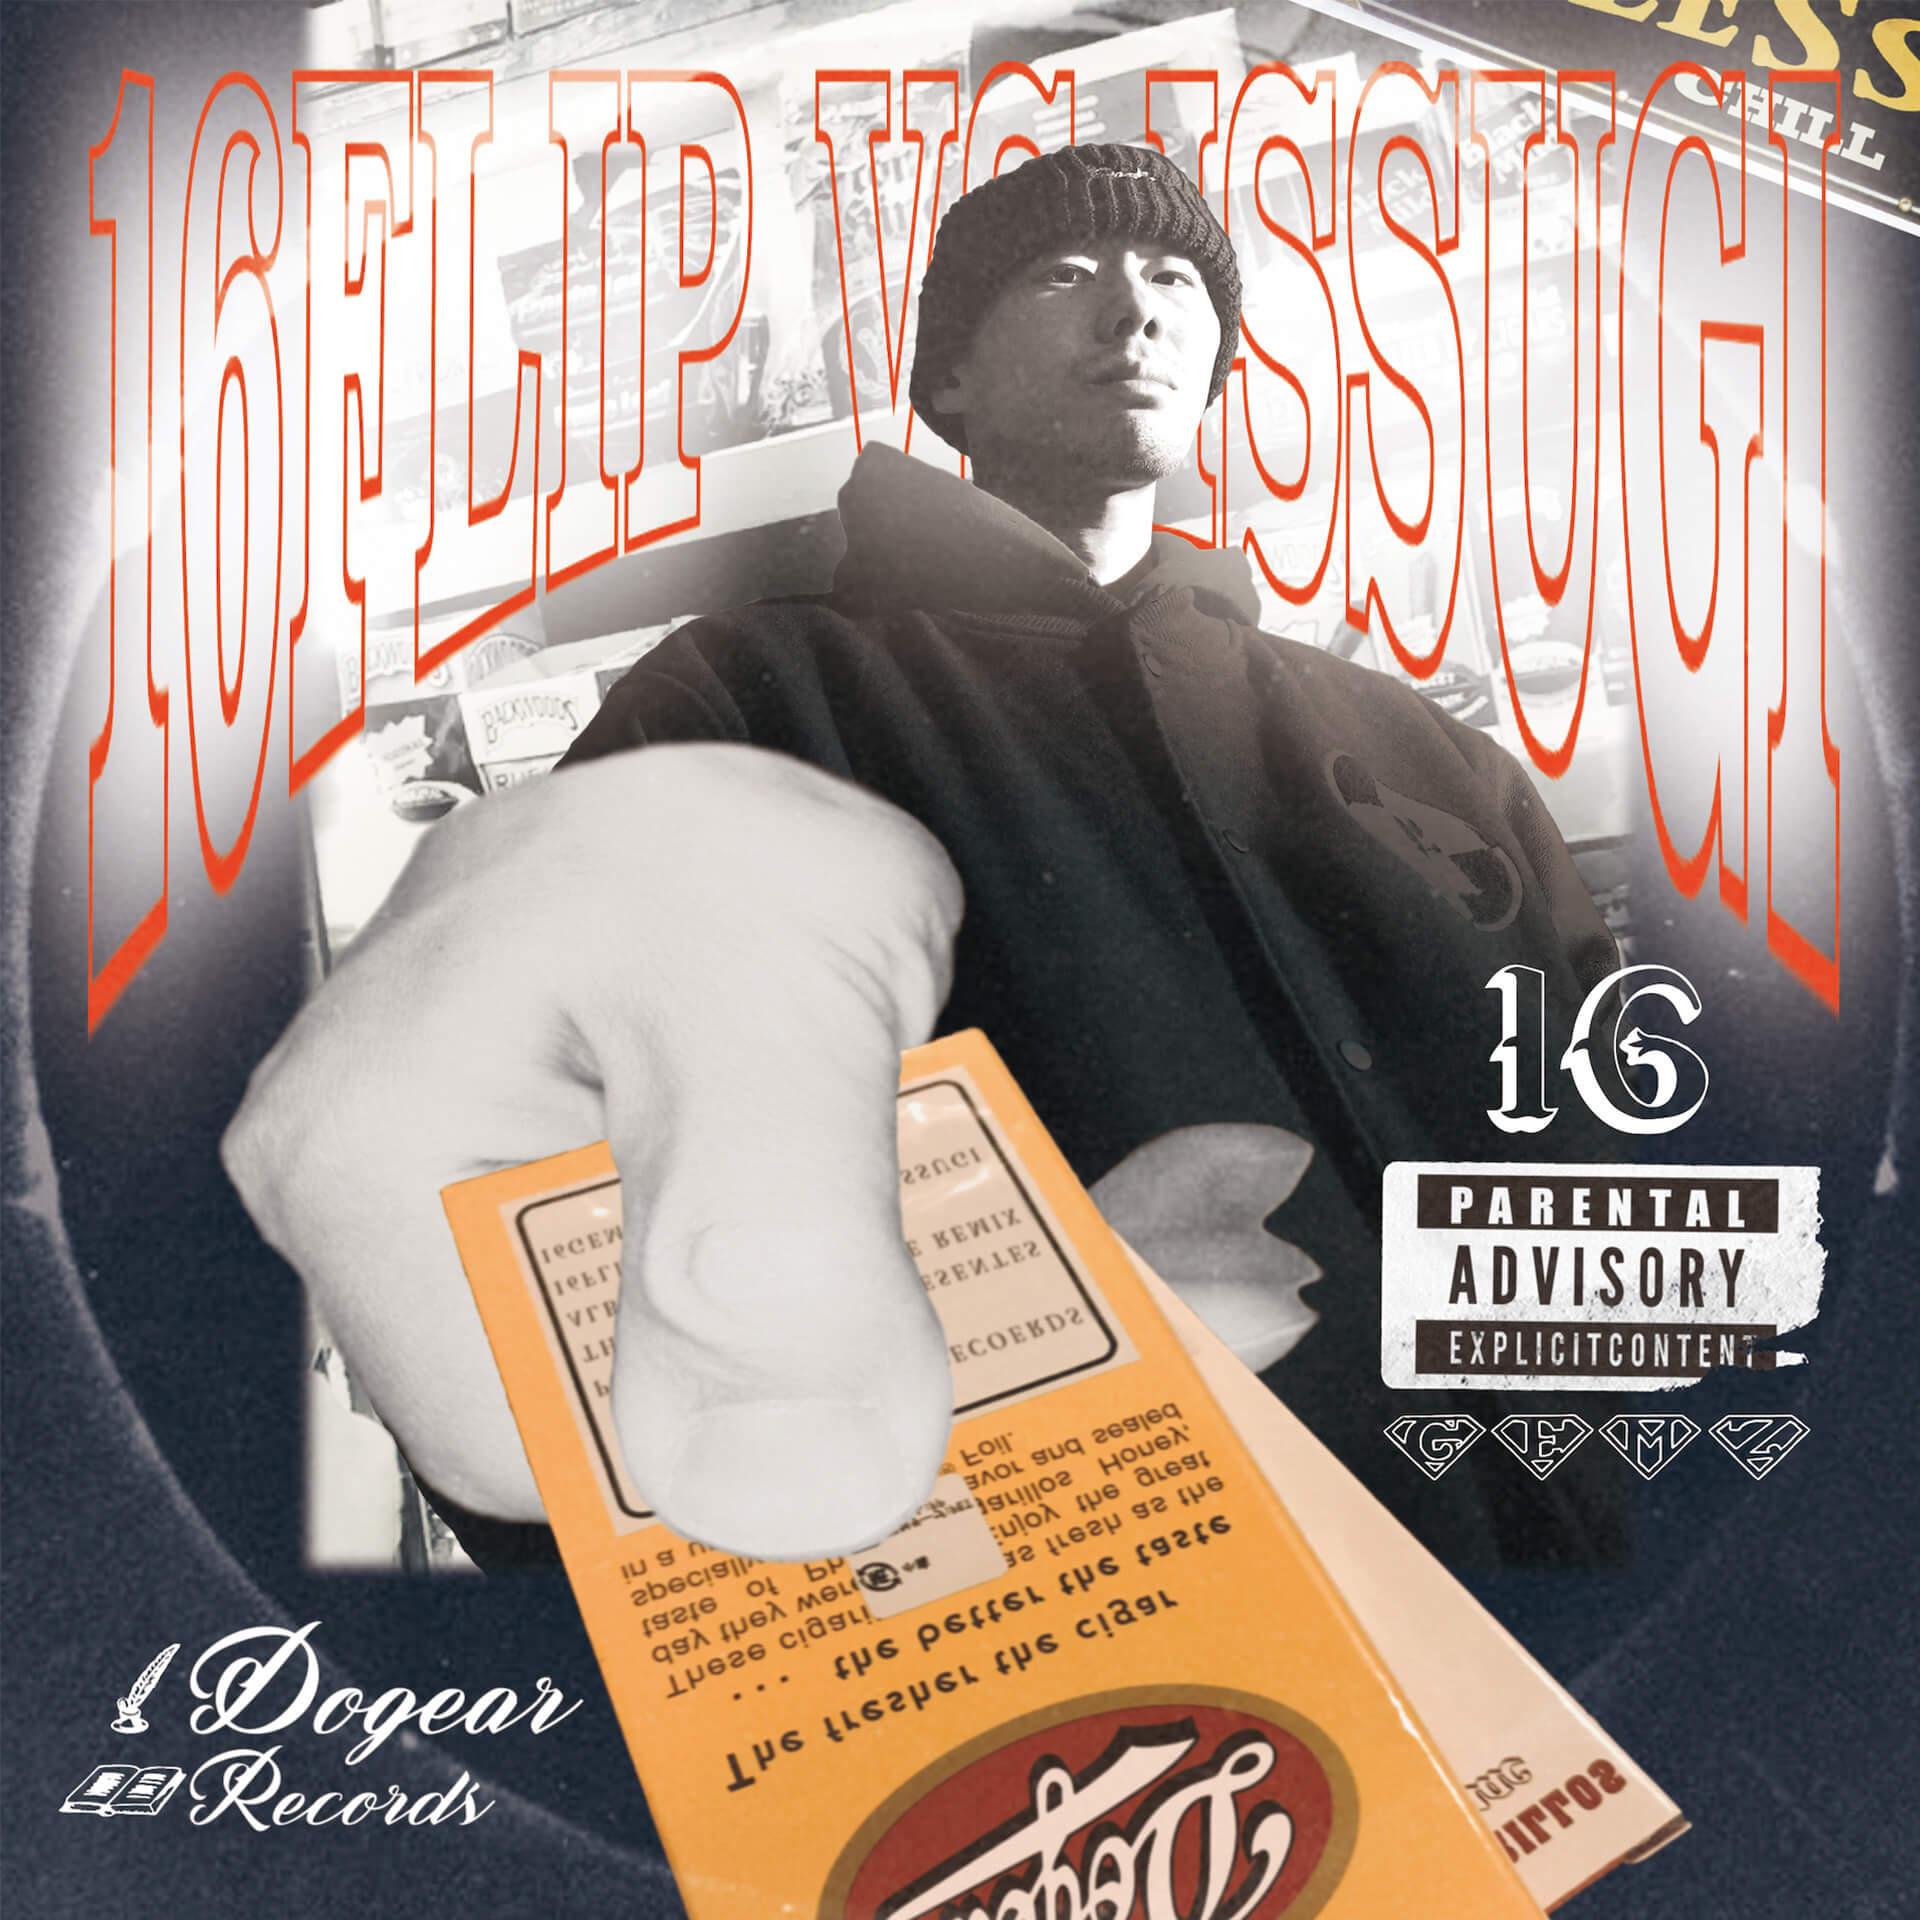 ISSUGIがアルバム『GEMZ』を自身のビートメイカー名義・16FLIPとして新たにリミックス!リサンプリングしたビートも収録 music201112_issugi_16flip_2